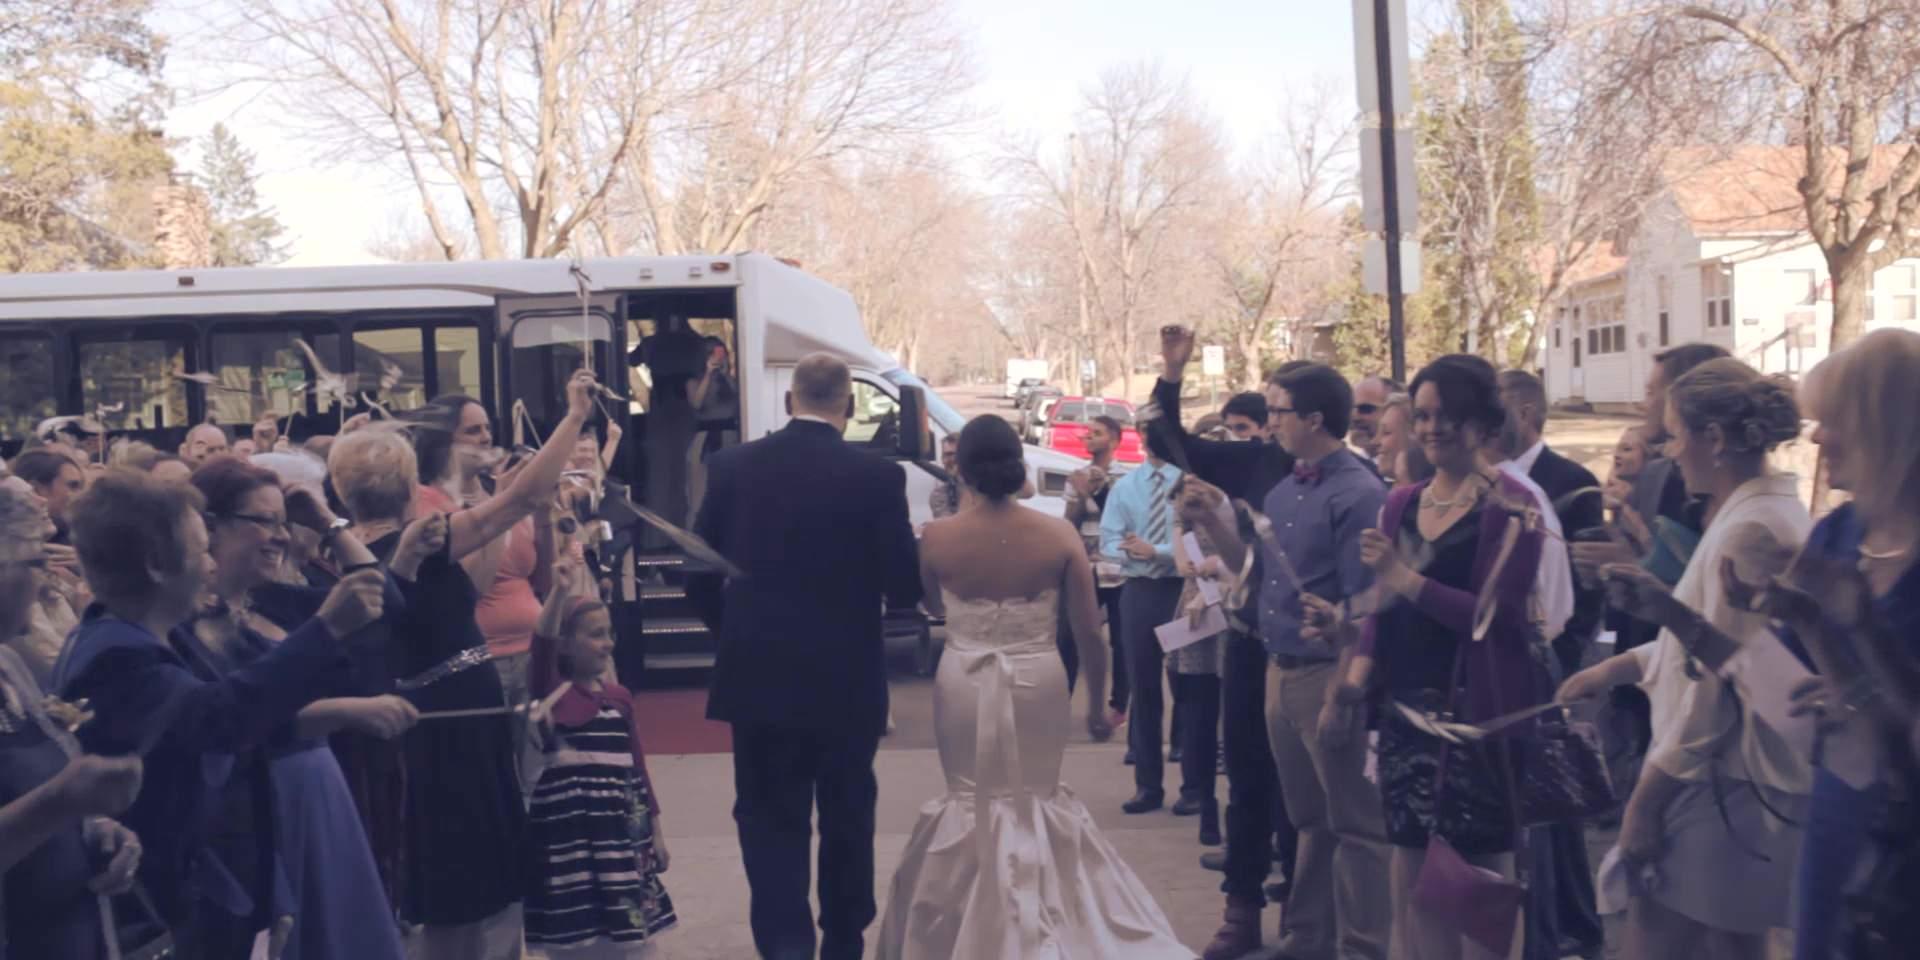 matt&anna wedding story.mp4-still00019.jpg